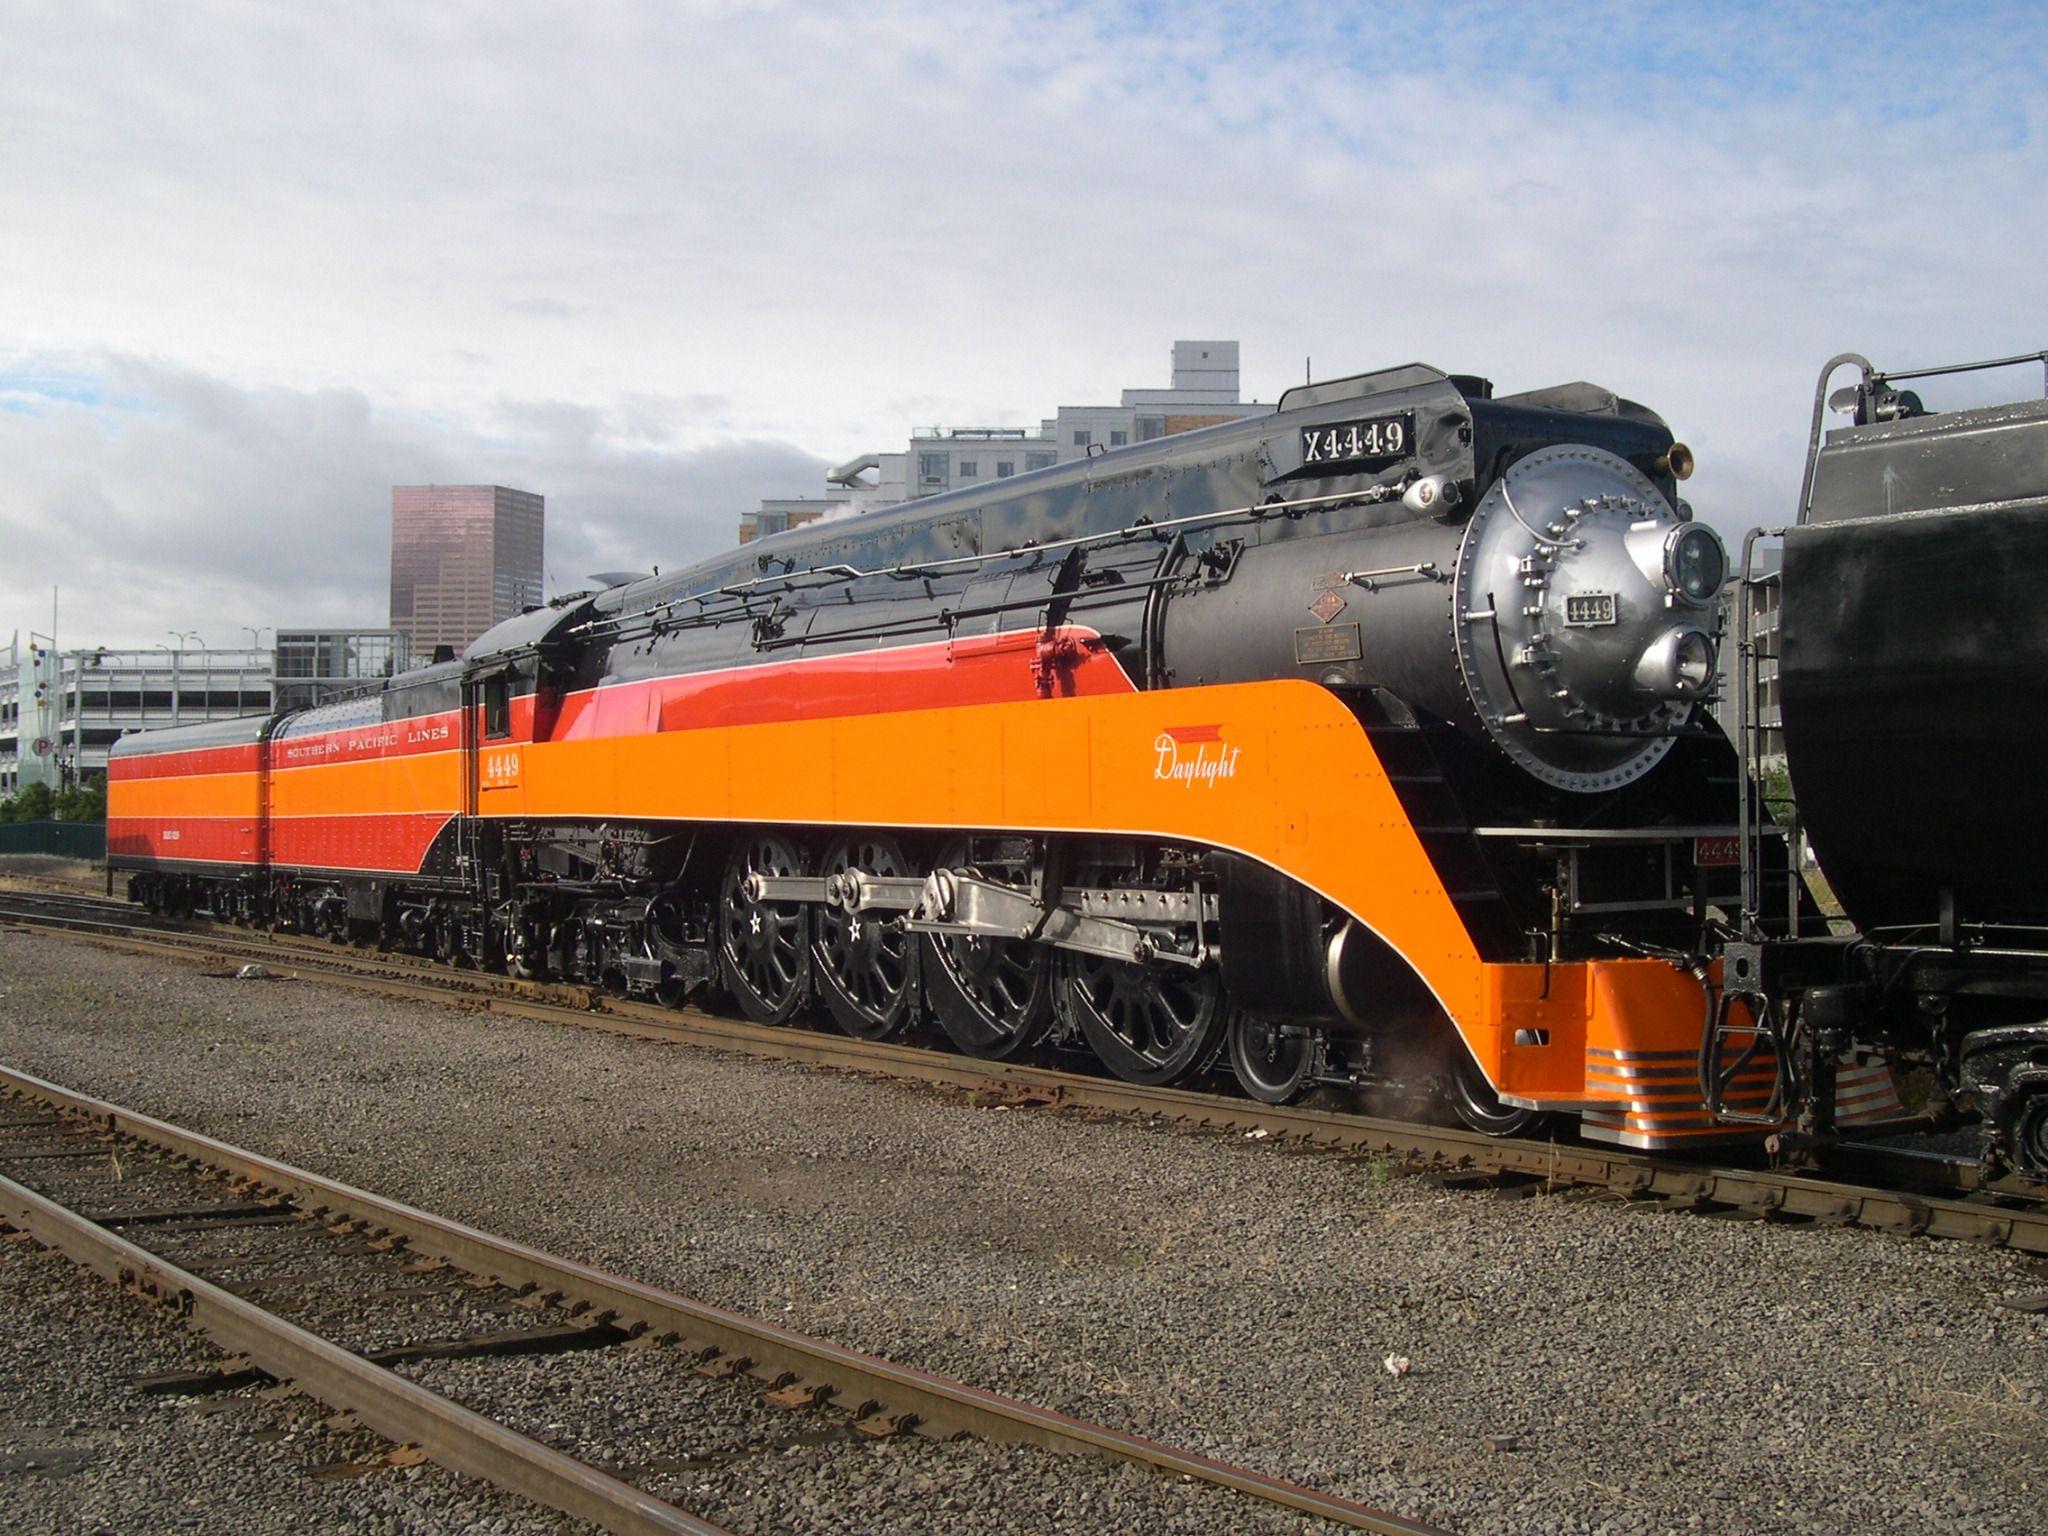 Train Engine Steam Locomotive Steam Trains Locomotive